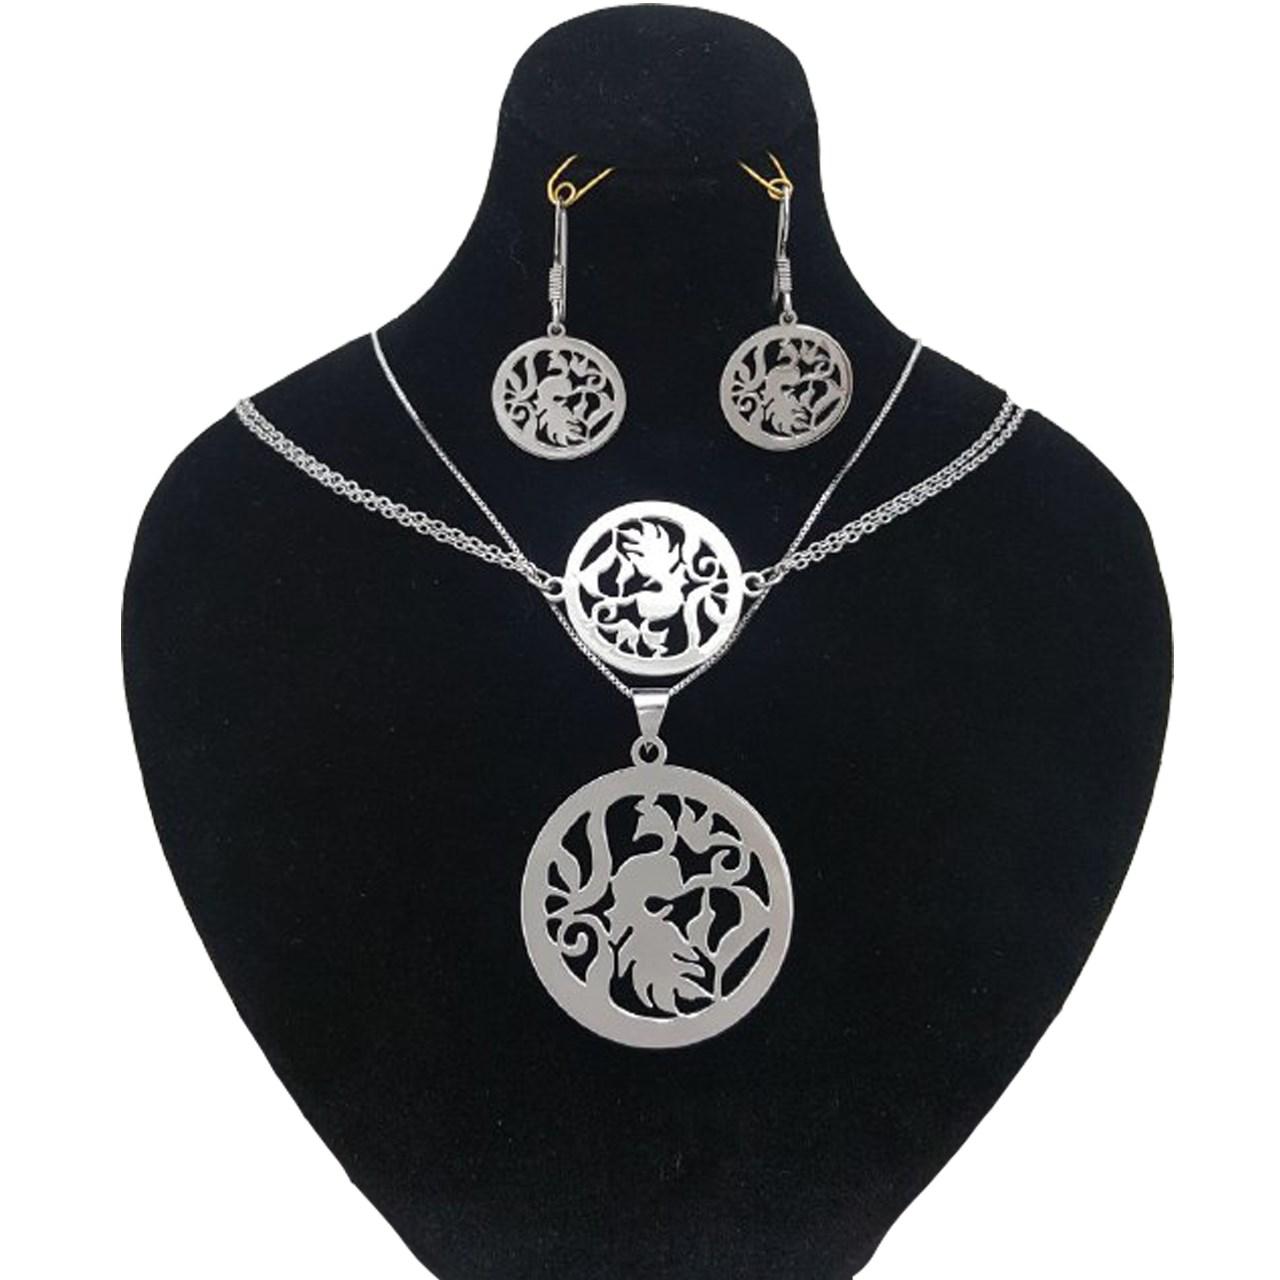 قیمت نیم ست نقره ایران شاپ طرح طاووس مدل Tav01